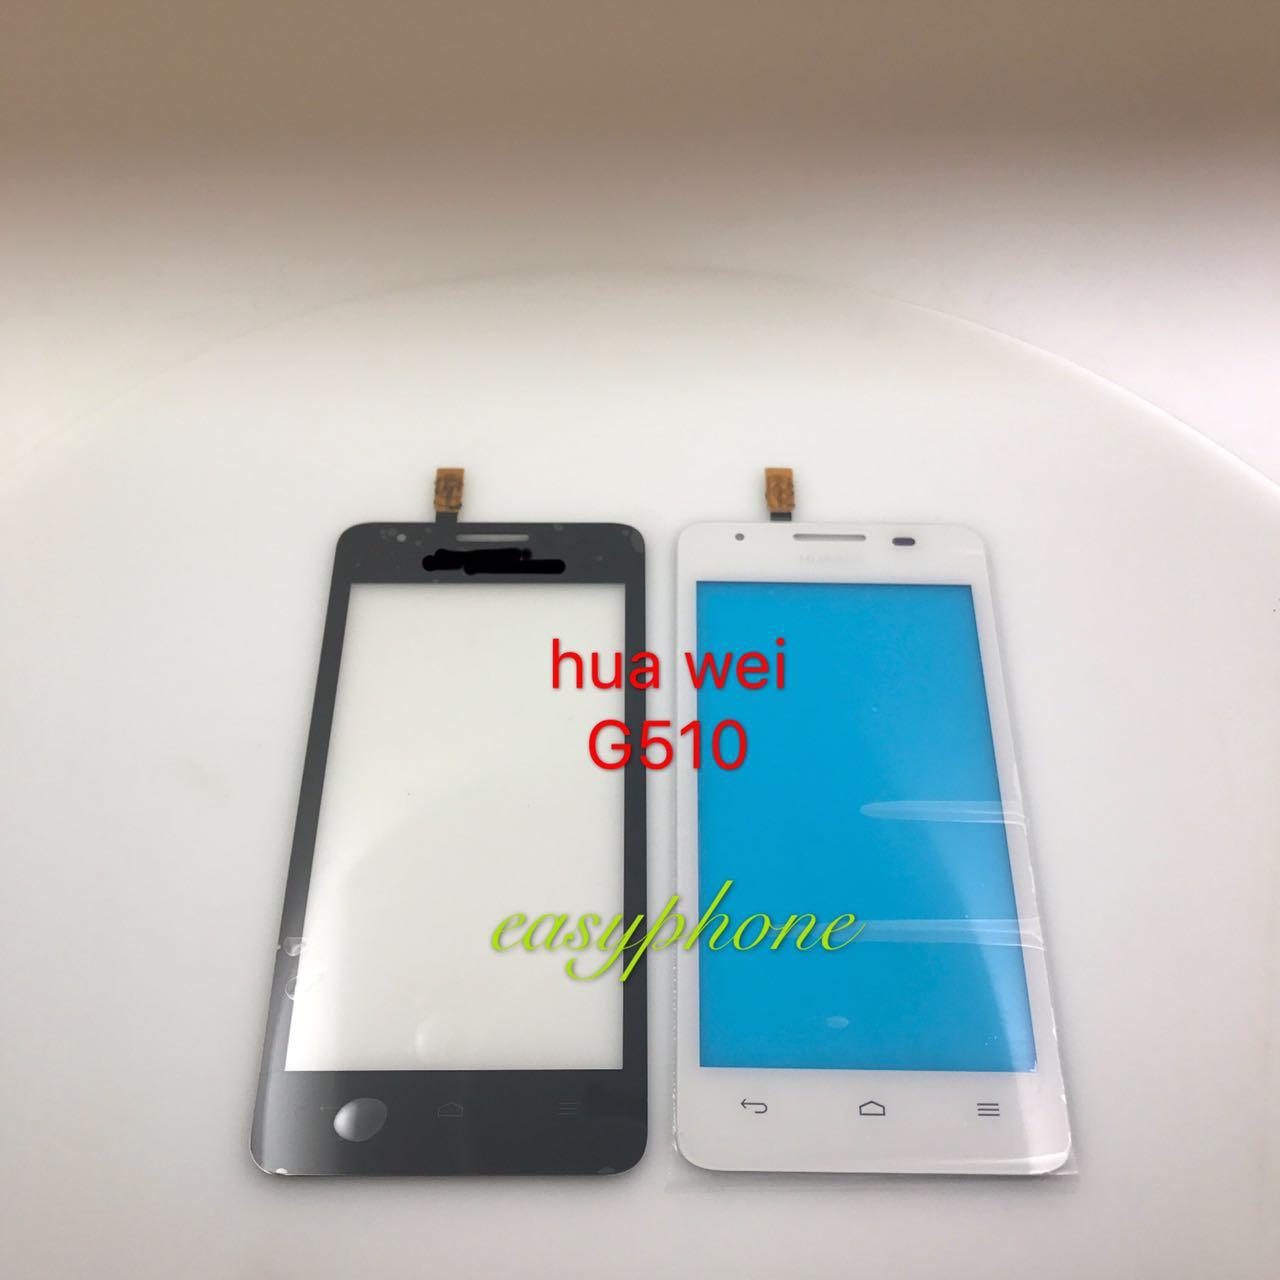 ทับกรัน HUAWEI G510 // มีสีขาว、สีดำ